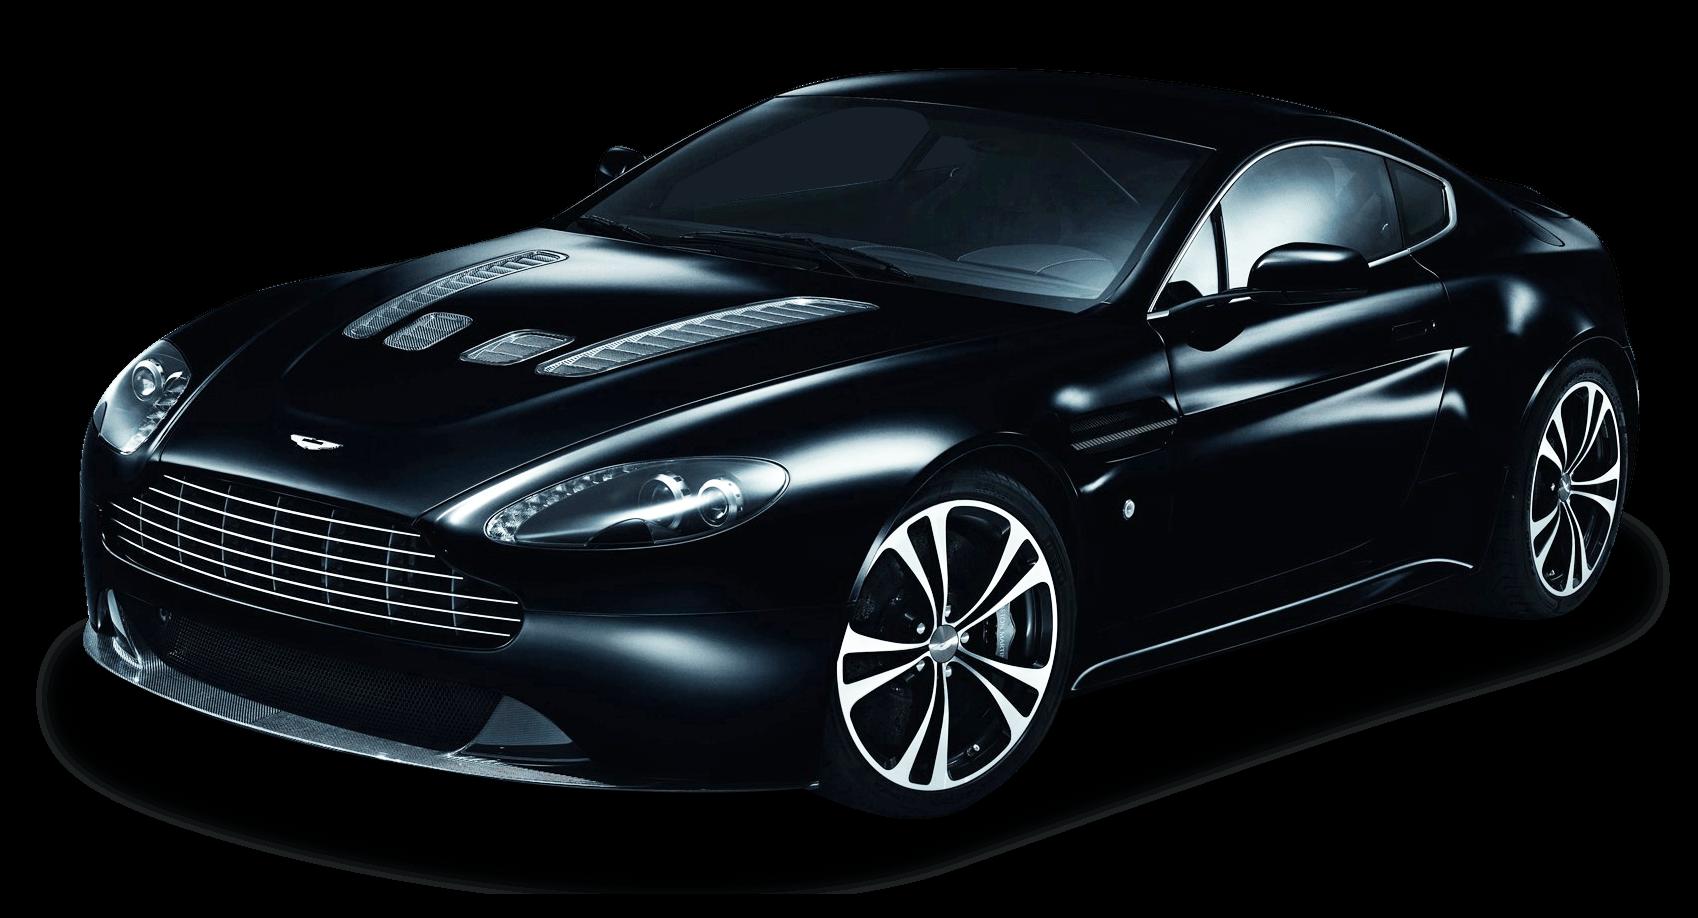 Black Aston Martin Transparent Png Stickpng